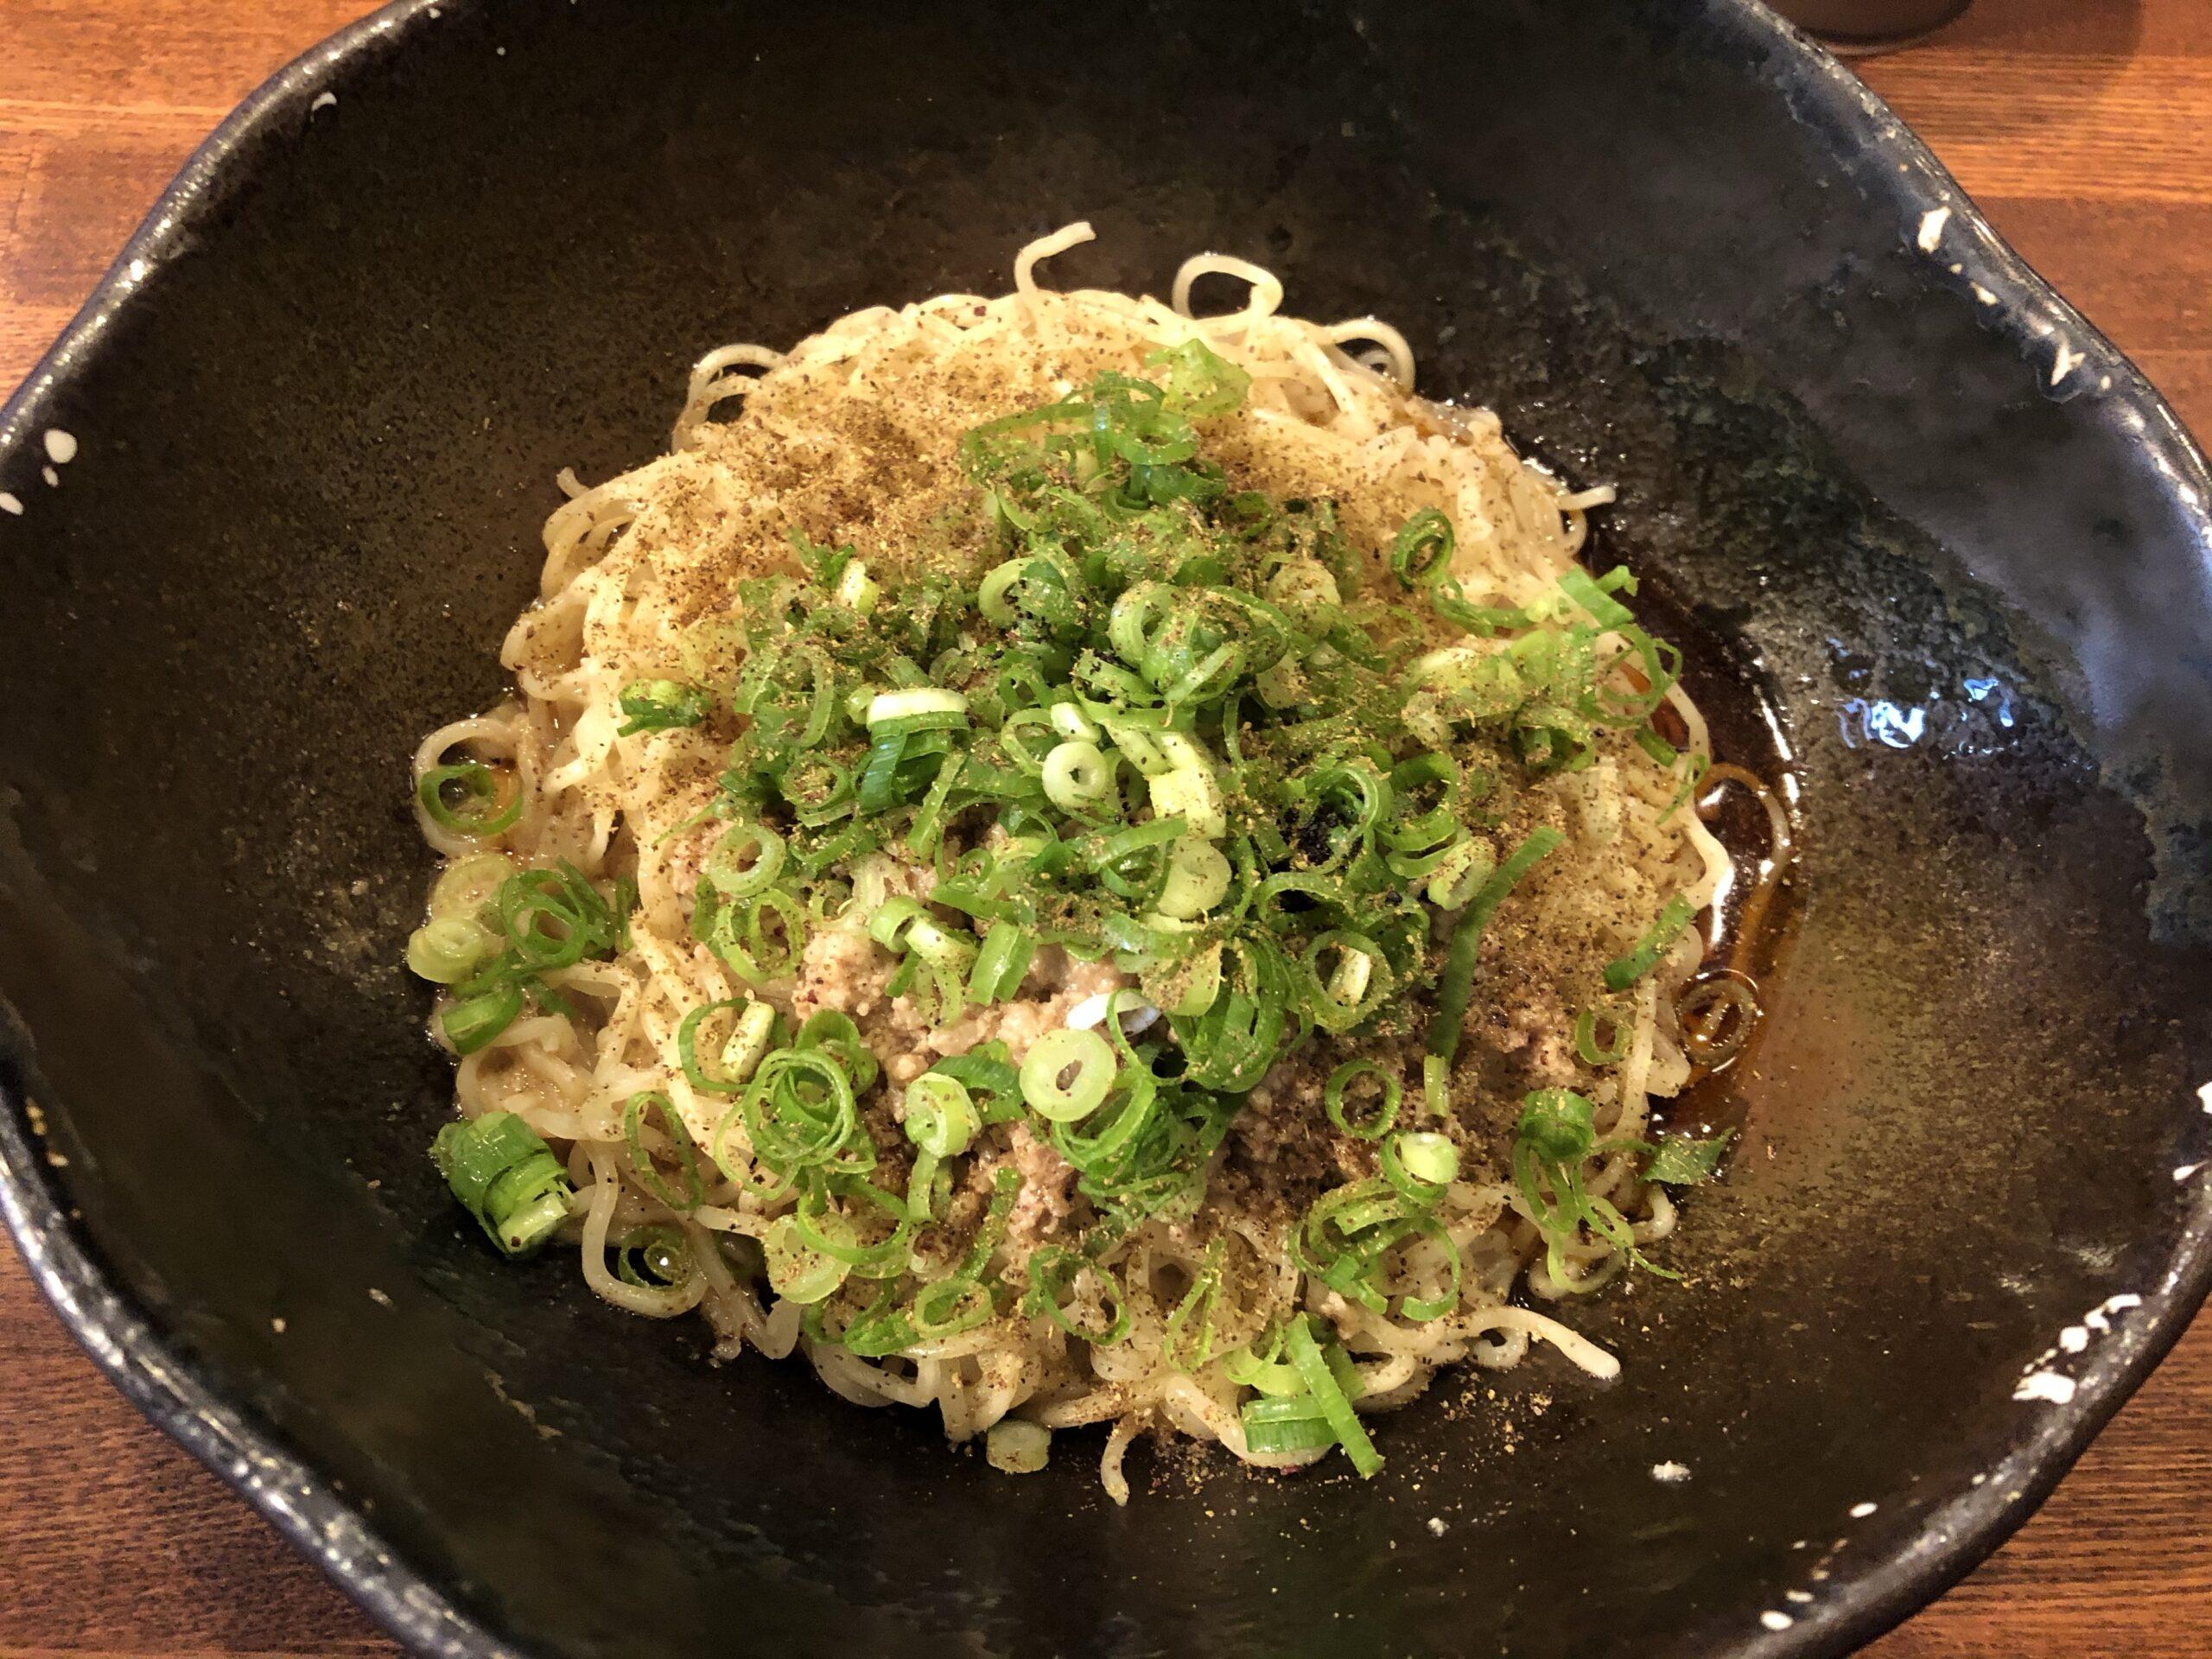 広島式汁なし担担麺「キング軒」30回以上混ぜて食べましょう